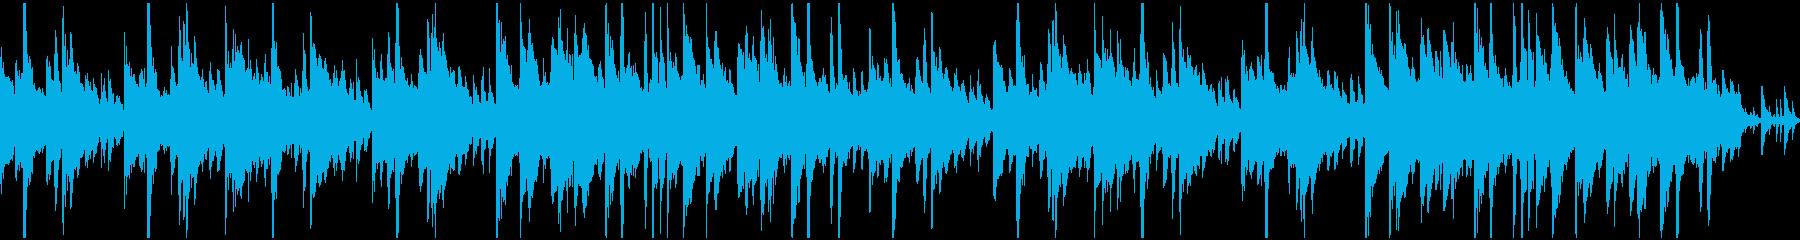 ループ 夏の昼間 ポップ風の再生済みの波形